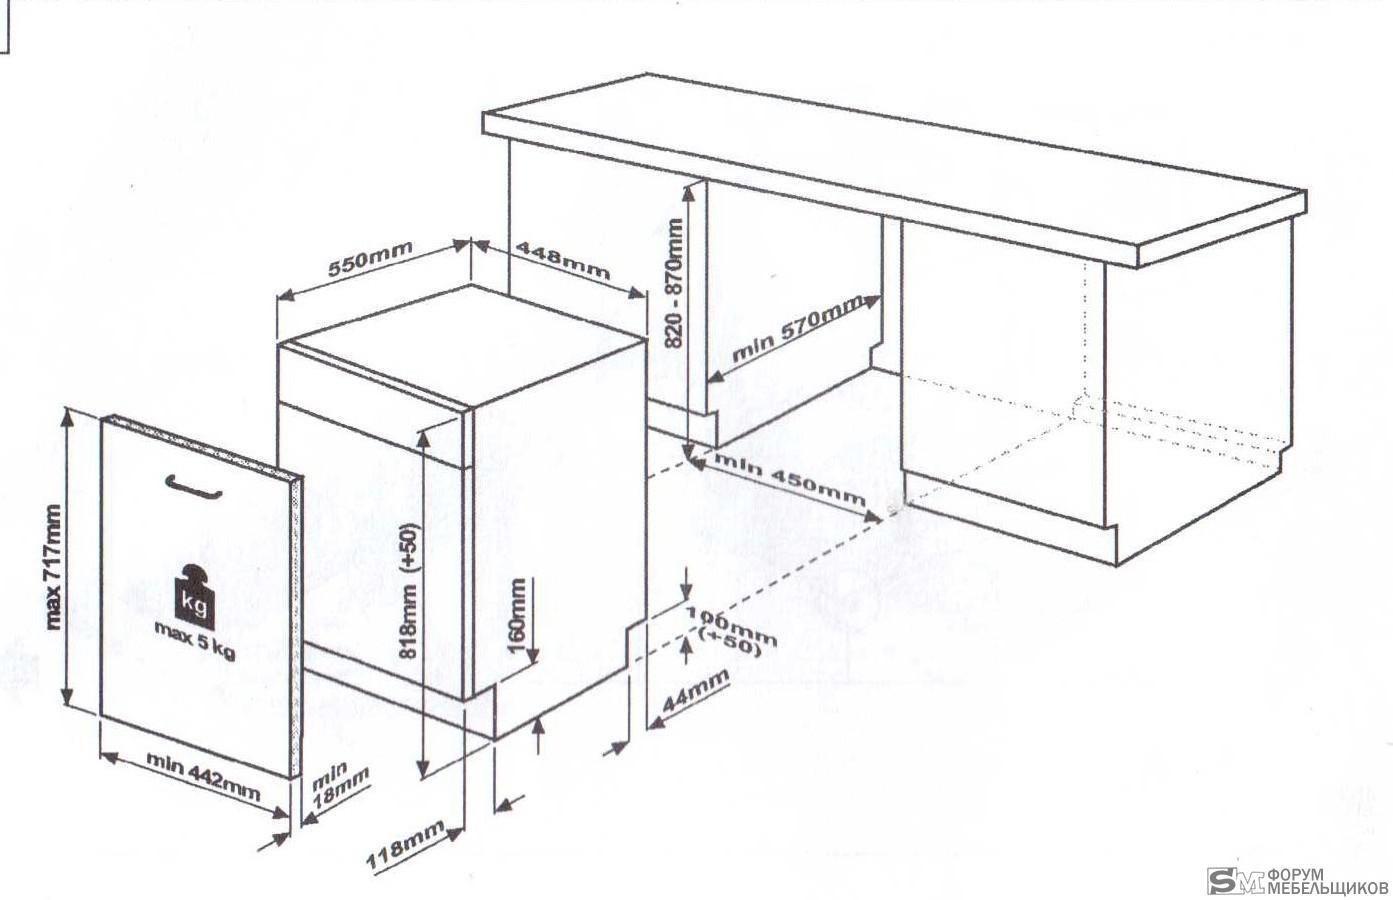 Размеры и габариты встраиваемых посудомоечных машин